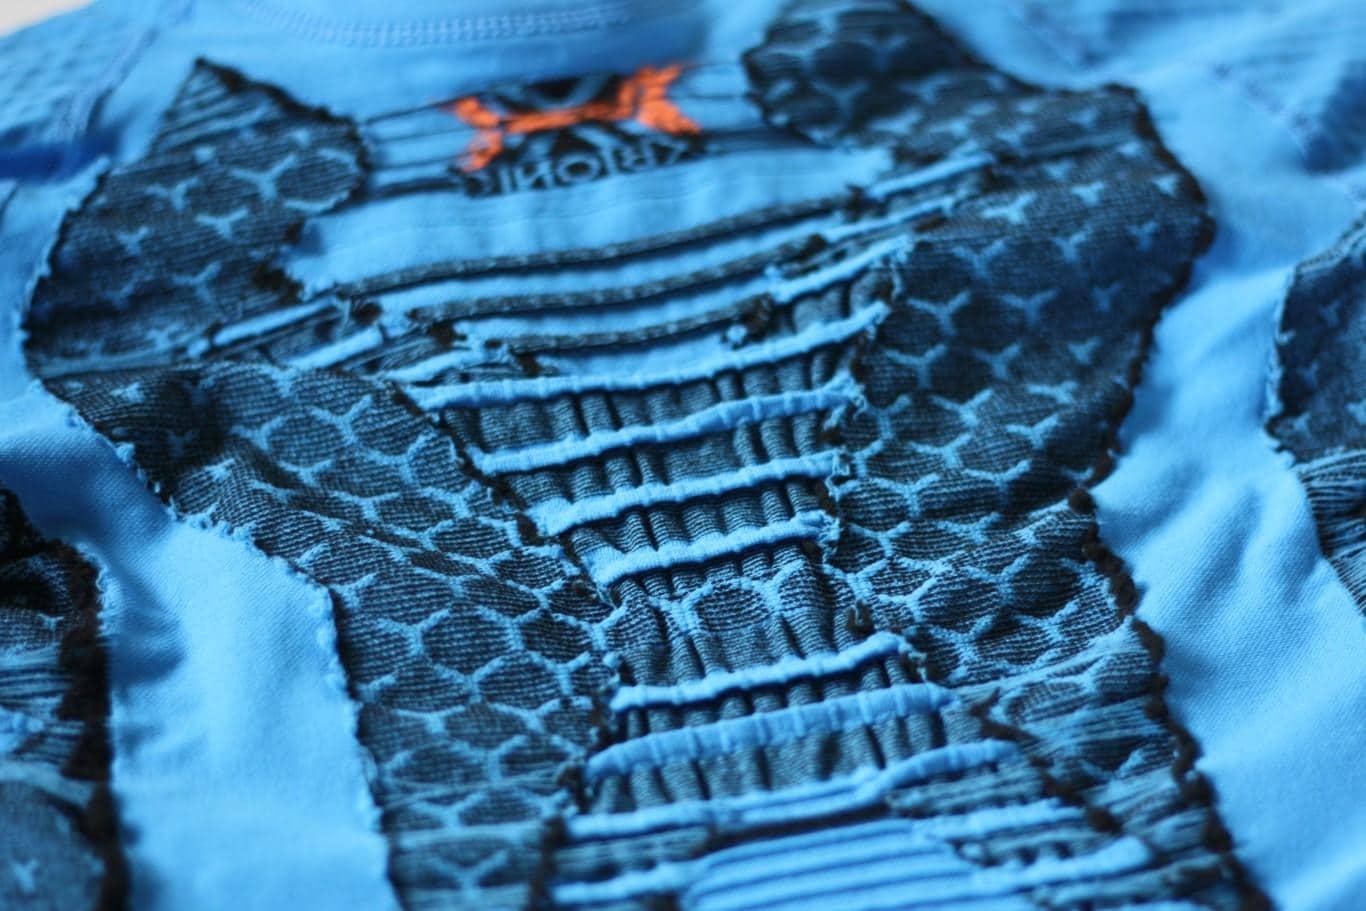 Twyce Shirt - Brustseite von innen